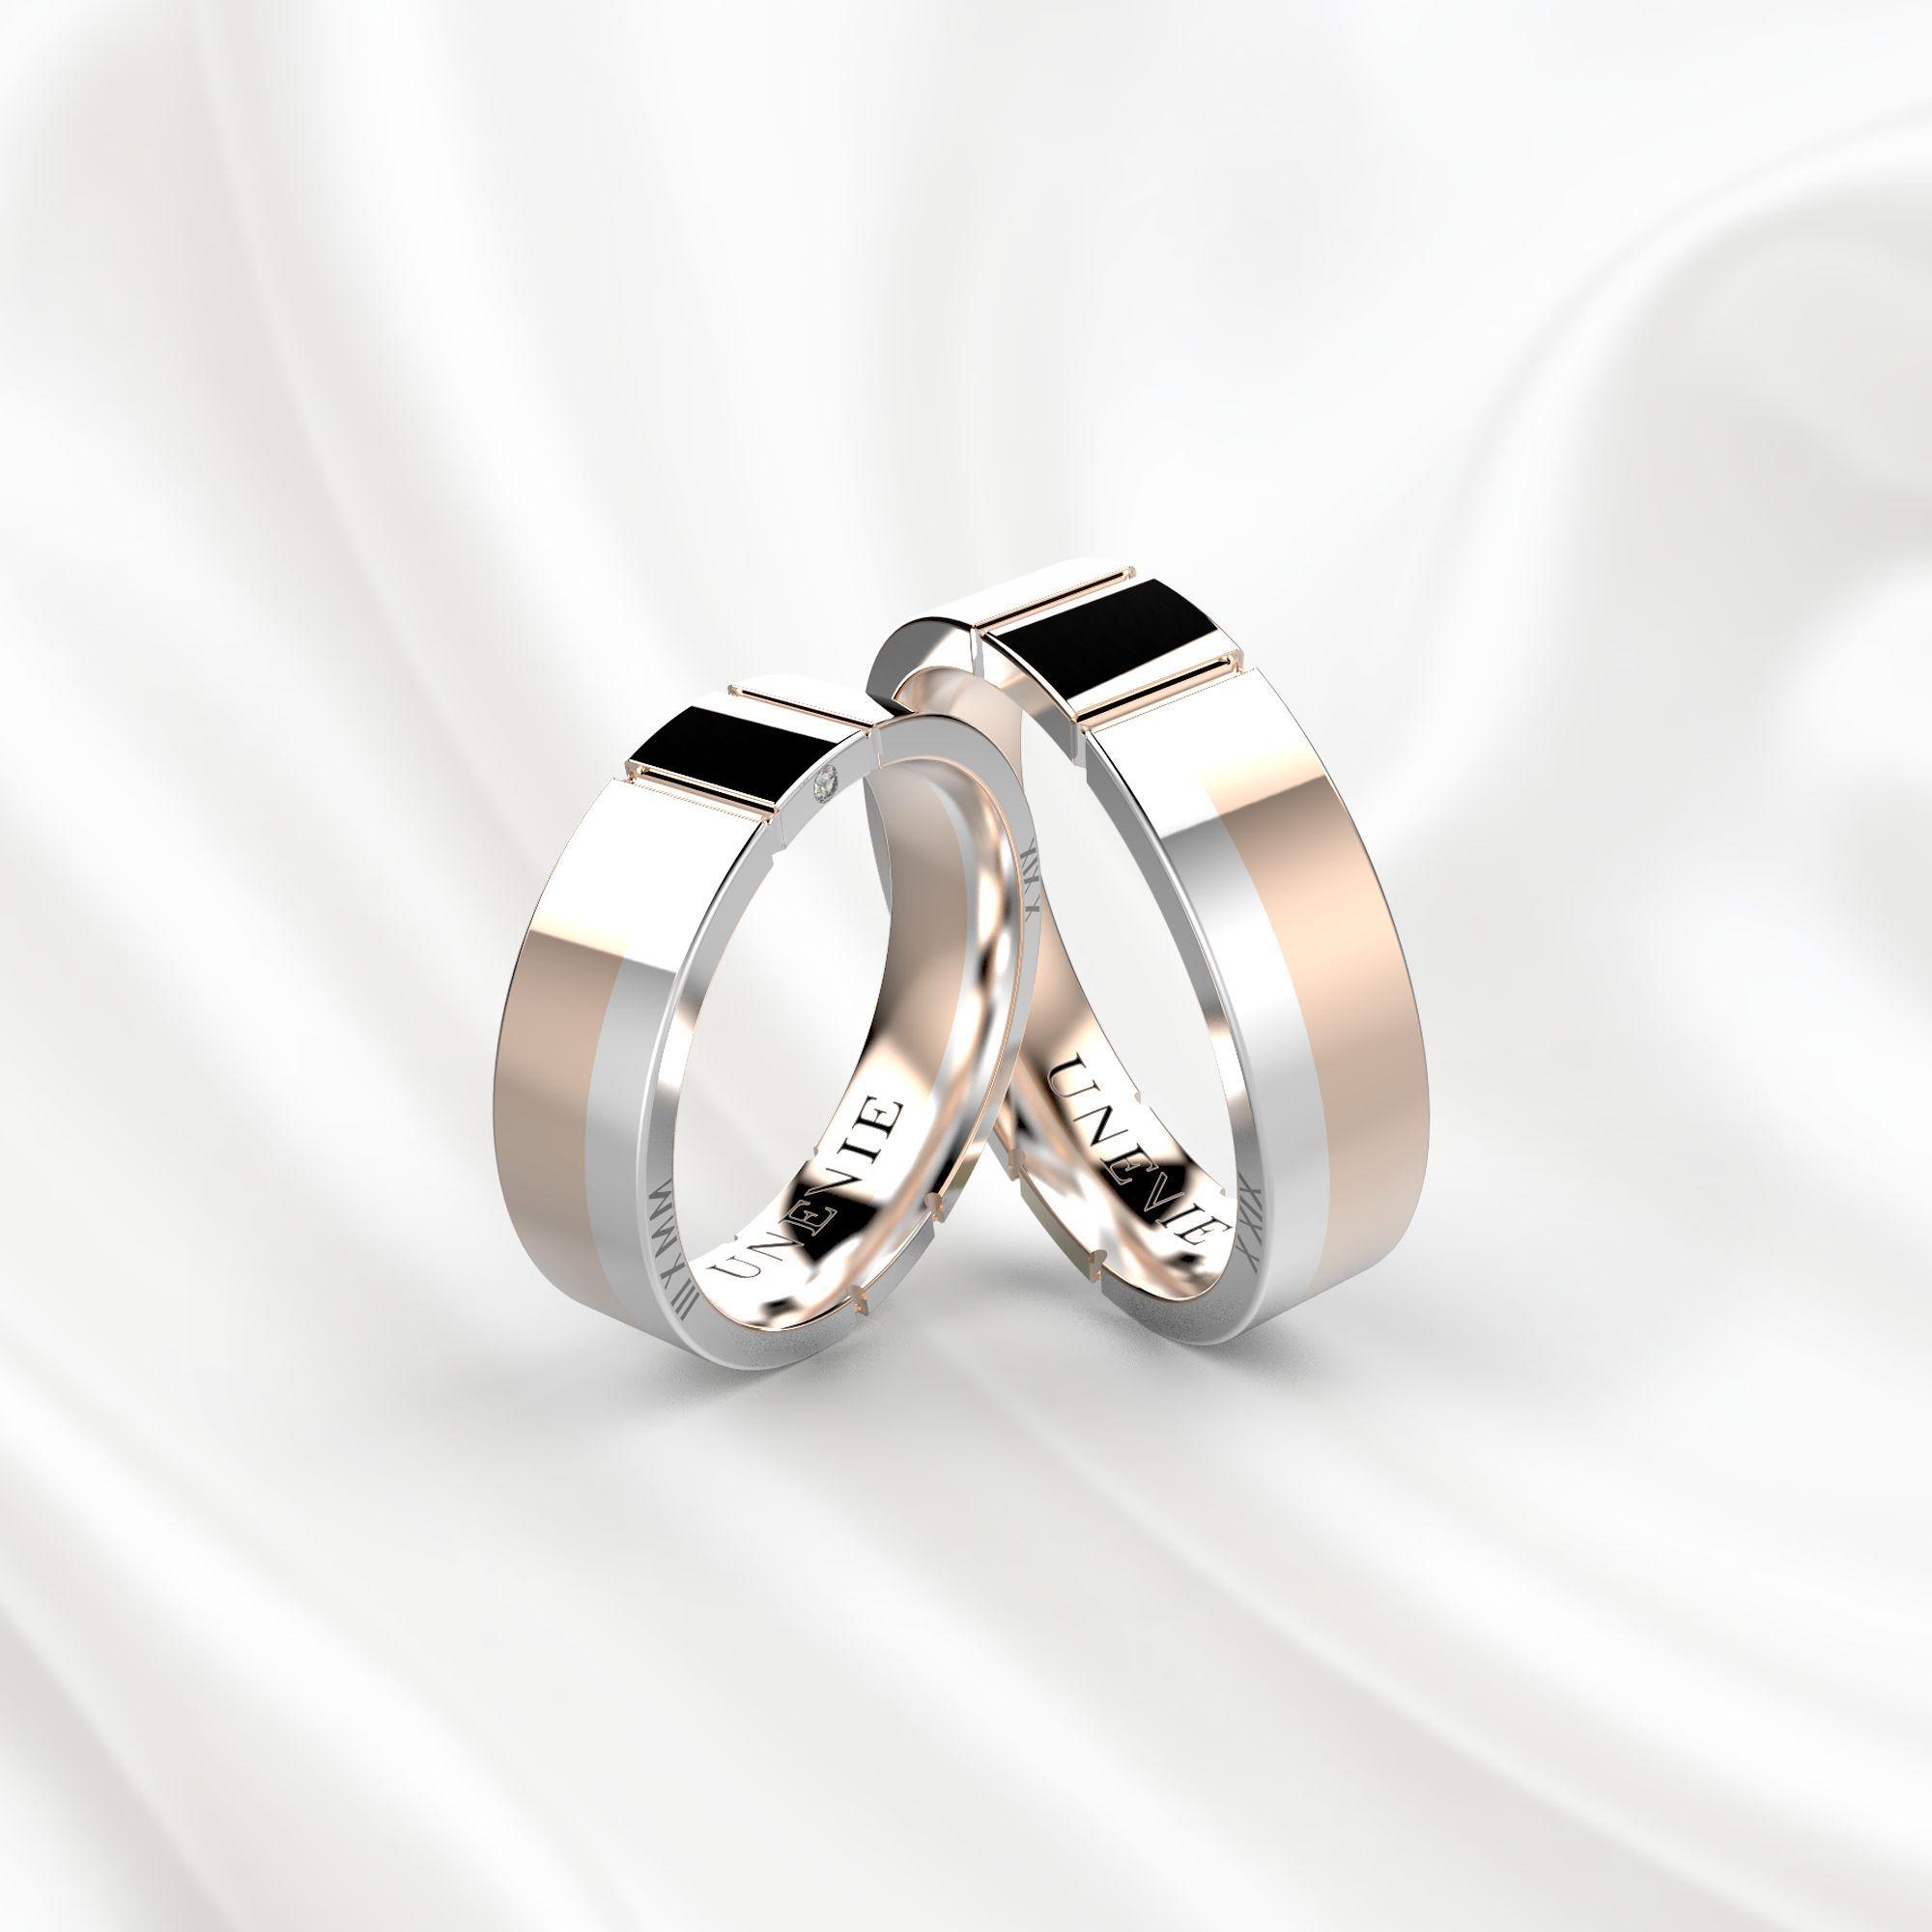 NV17 Обручальные кольца из розово-белого золота